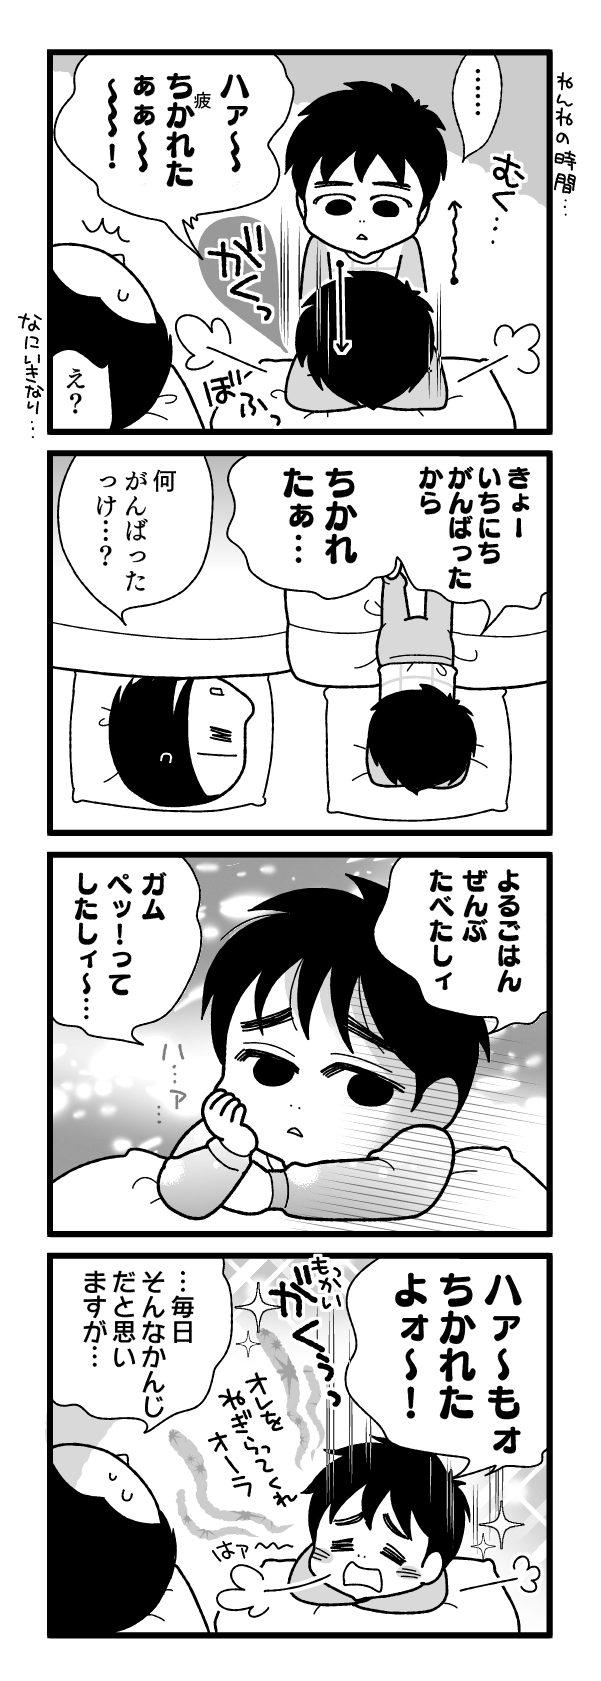 漫画『怒涛のにゅーじヨージ』Vol.180「今日のおわりに一言」 1コマ目